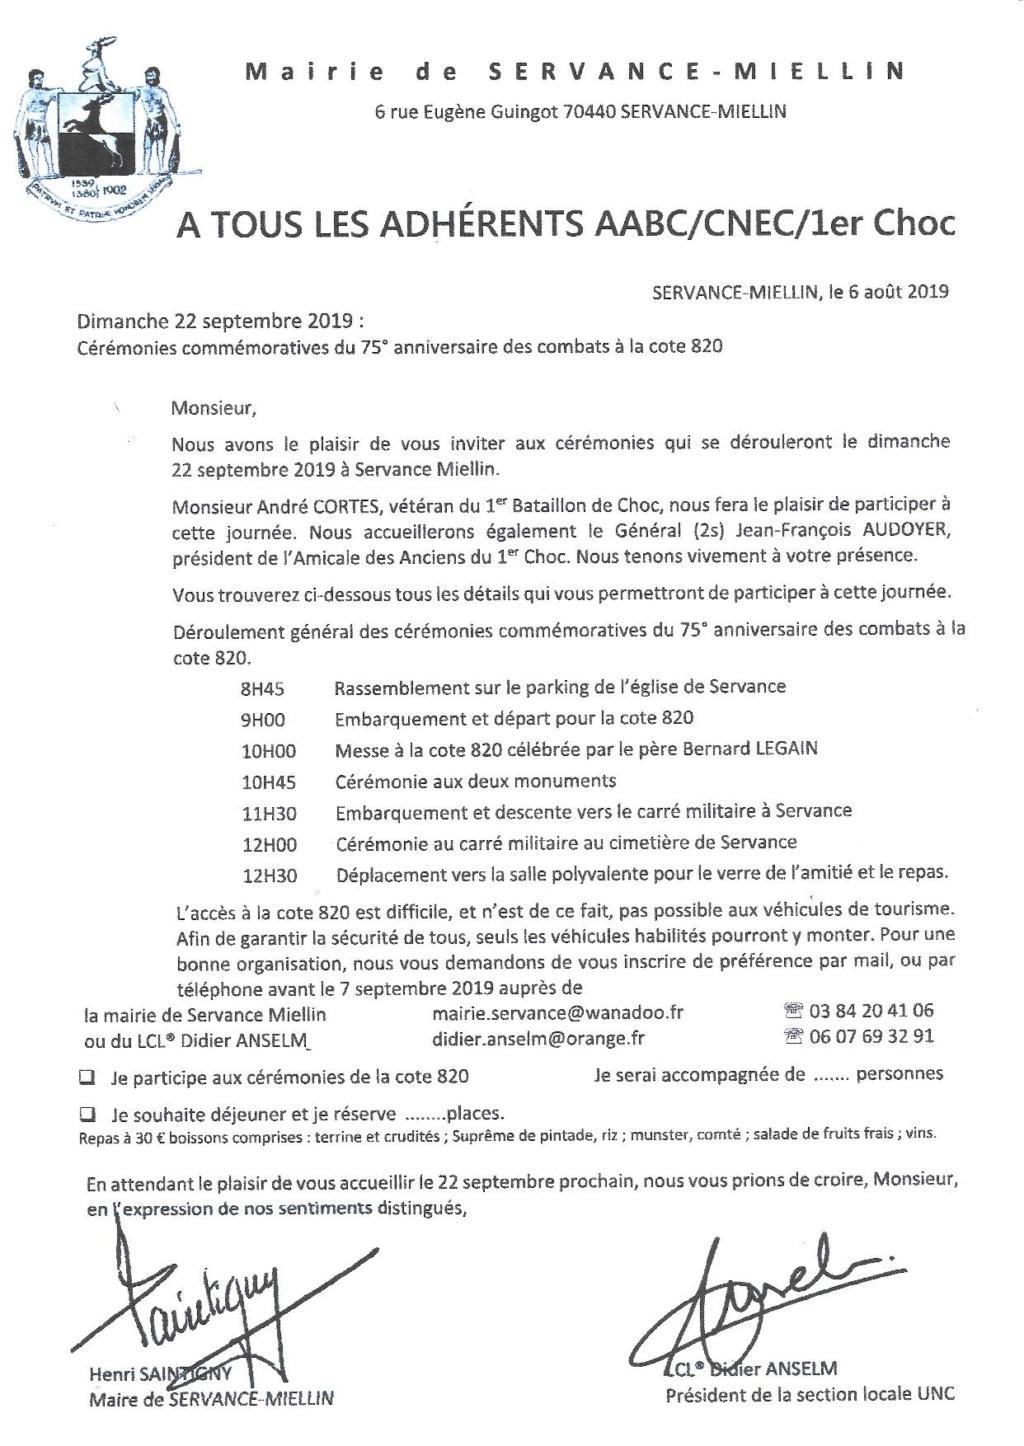 Collectionneur passionné de la bataille des Vosges  - Page 2 Servan19